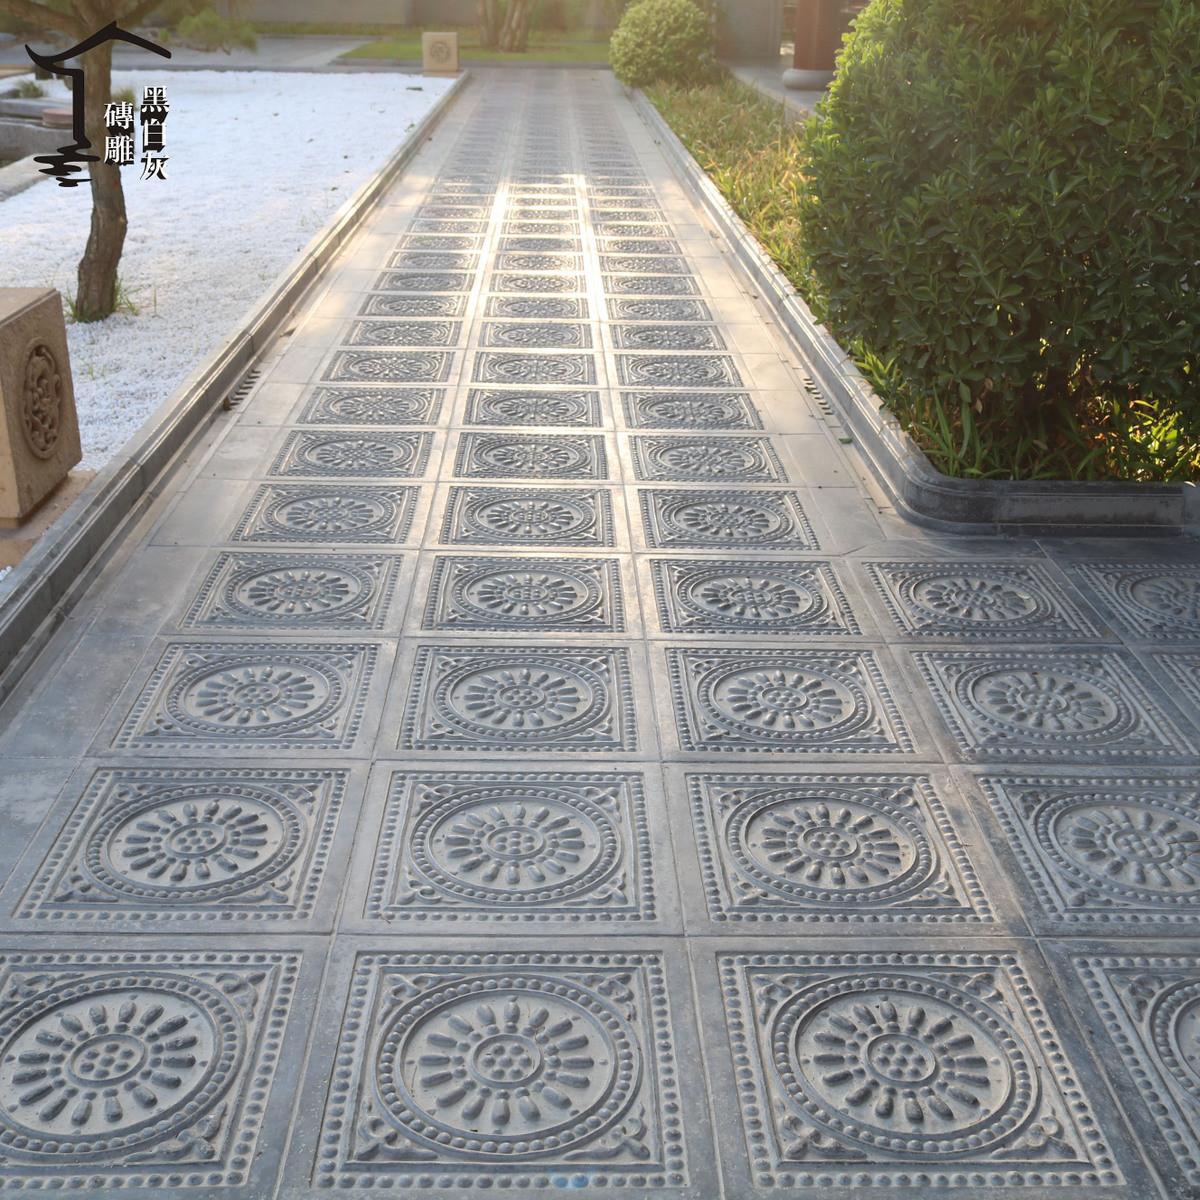 黑白灰砖雕 中式仿古四合院过道路面青砖墙地砖豆莲40cm唐莲QD052